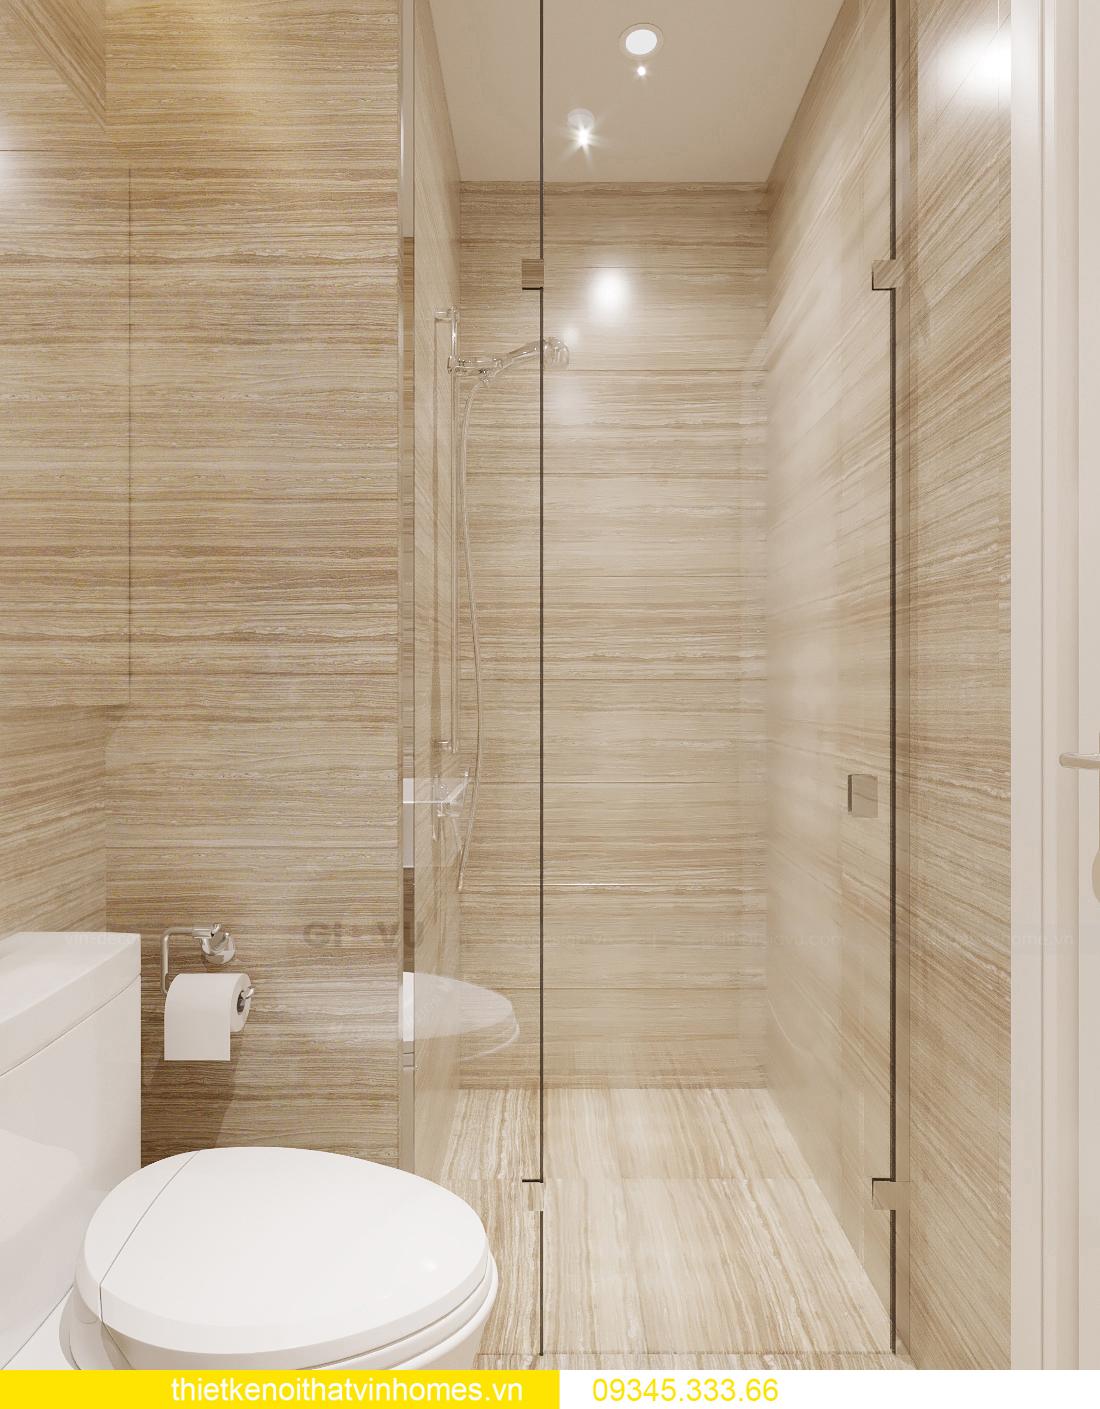 thiết kế nội thất căn hộ chung cư tân cổ điển nhà chị Như 6